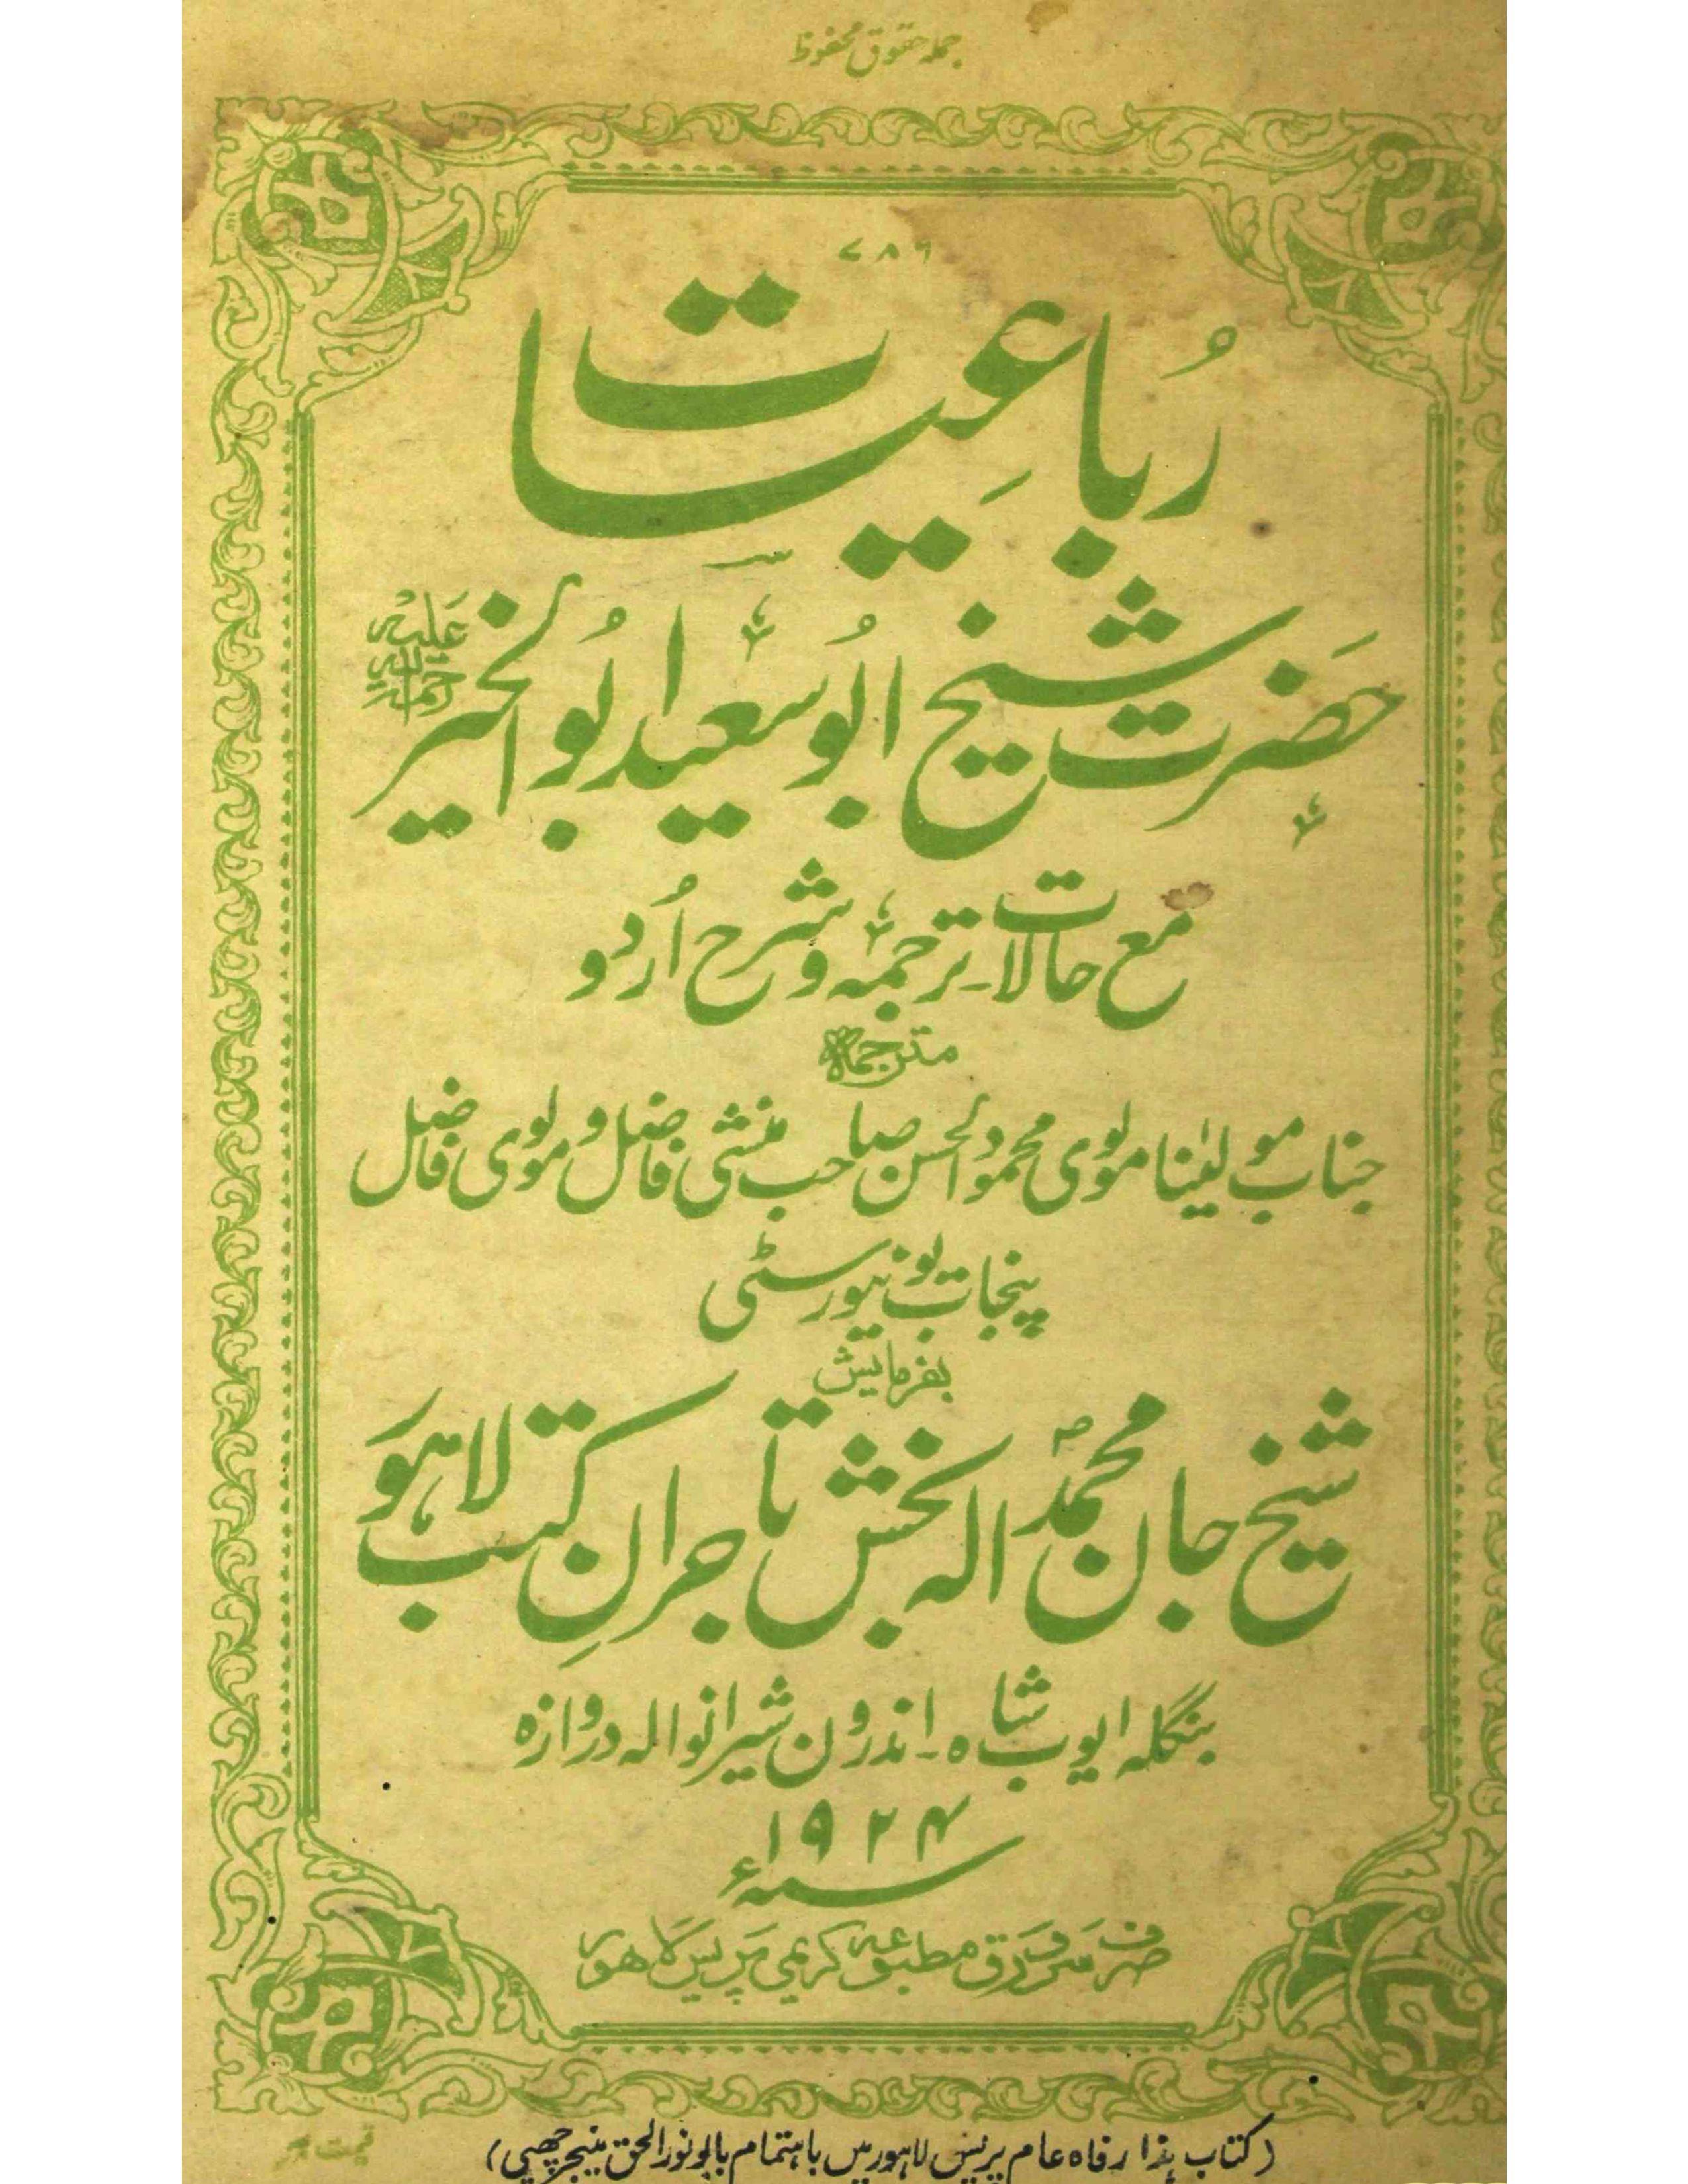 Rubaiyat-e-Hazrat Shaikh Abu Saeed Abul Khair